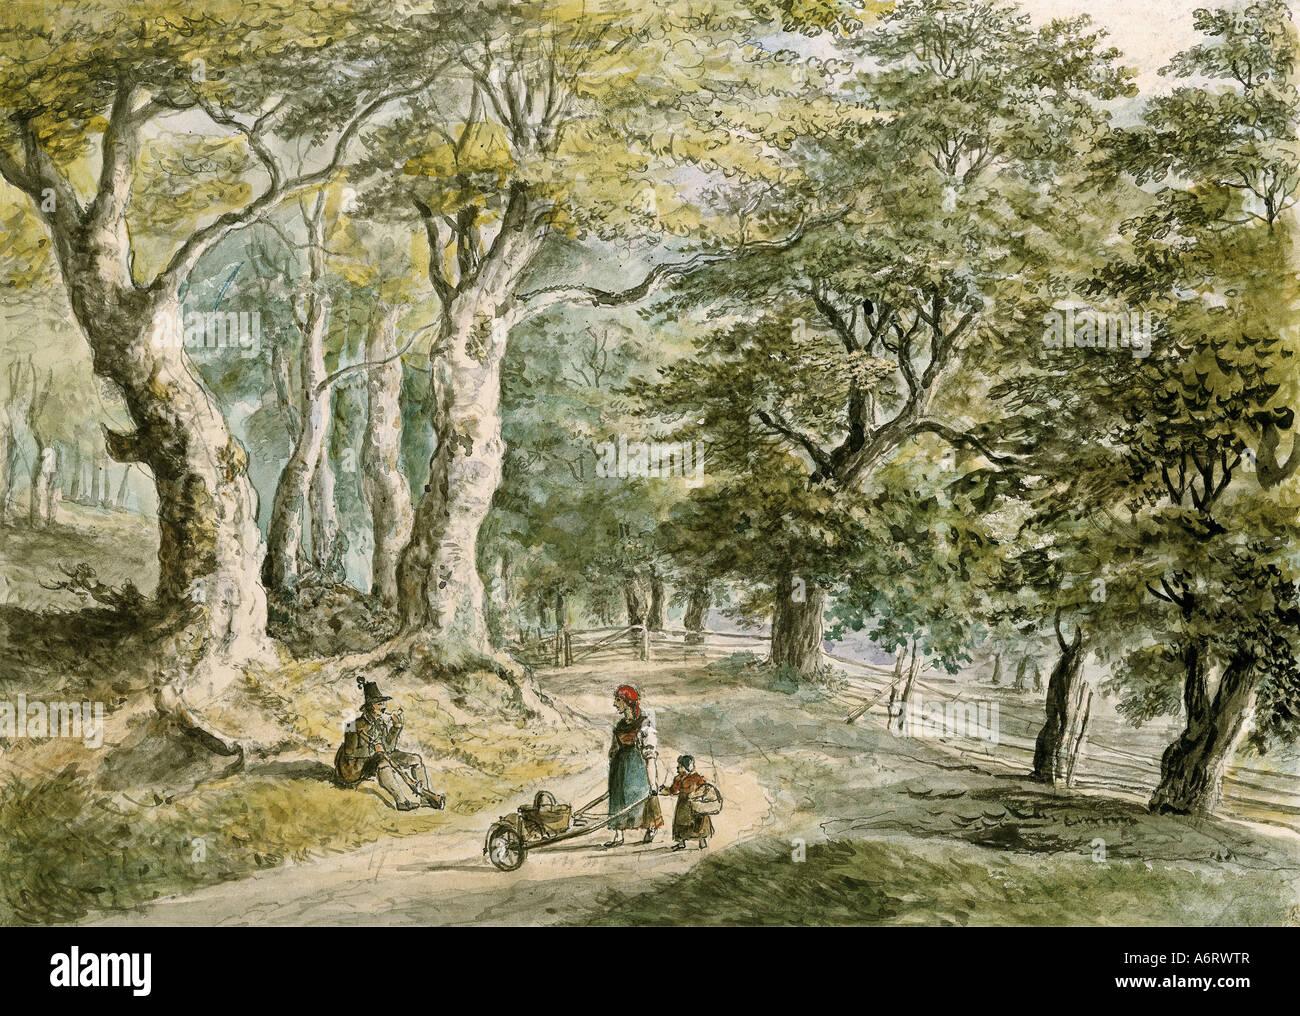 Belle arti, Dorner, Johann Jakob, il giovane (1775 - 1852), forrest vicino Dietramszell, acquerello, 21,6x30 cm, Foto Stock